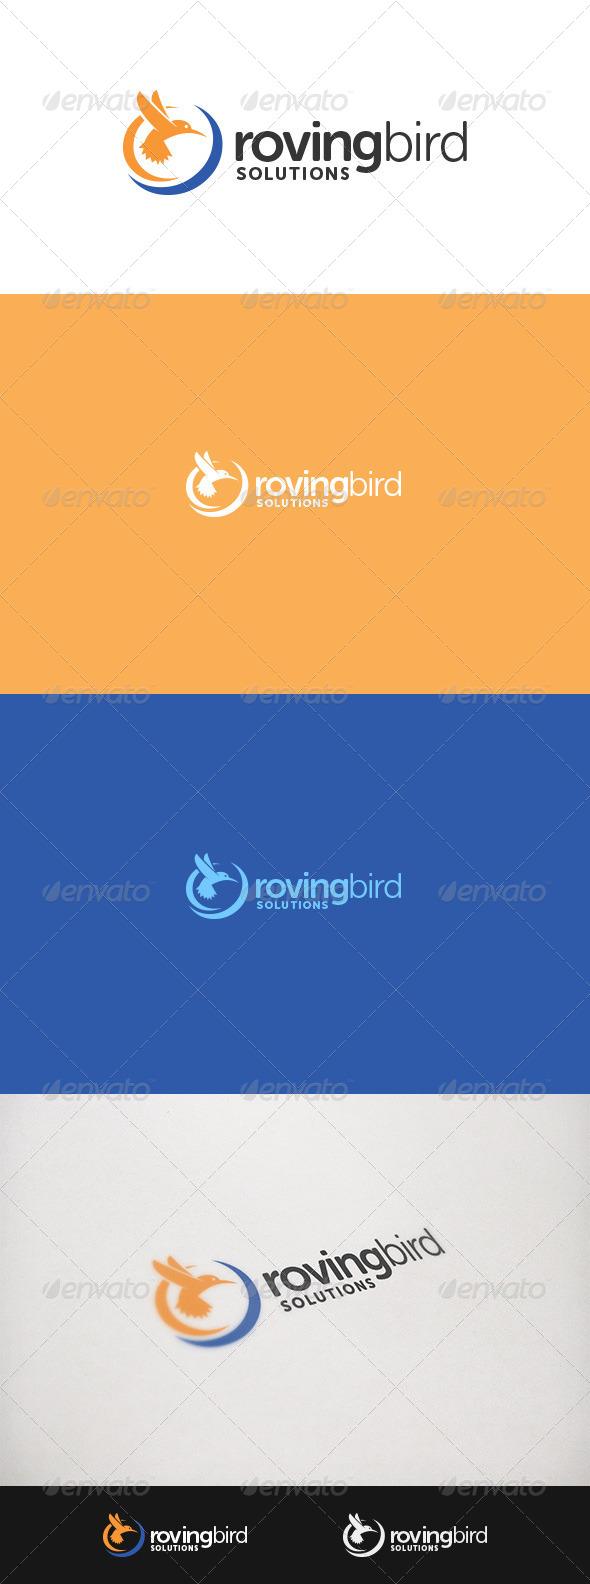 Bird Solutions Logo - Abstract Logo Templates